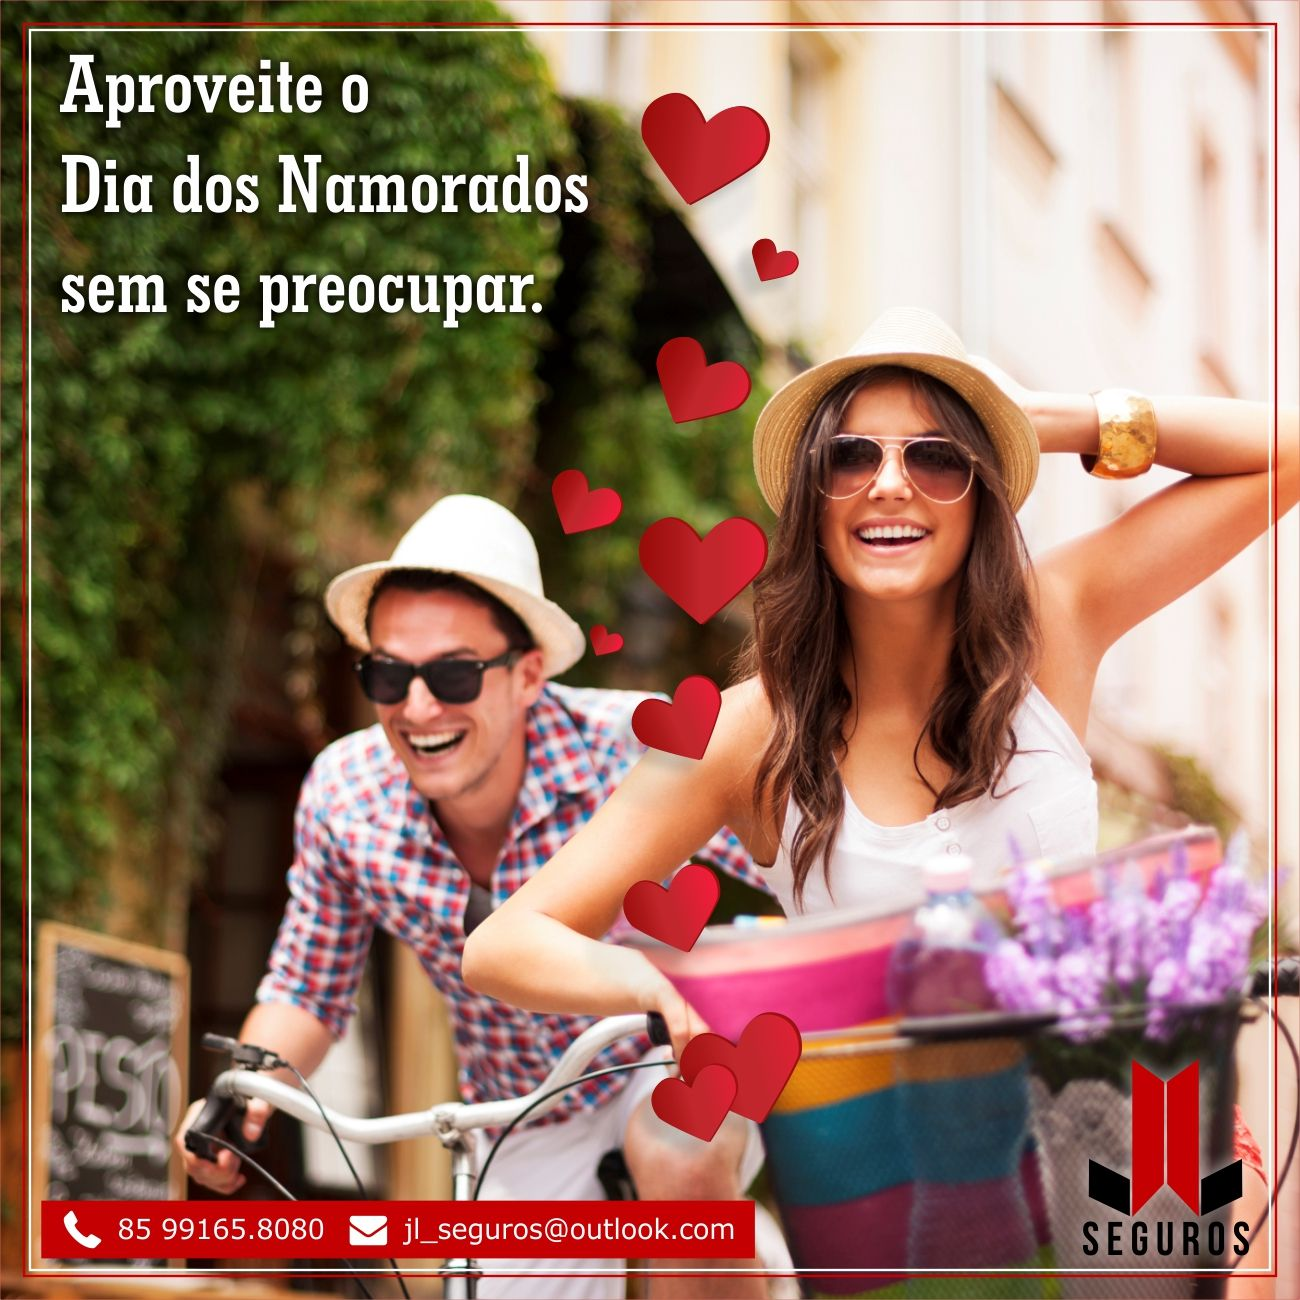 JL Seguros | Anúncio Instagram - Dia dos Namorados